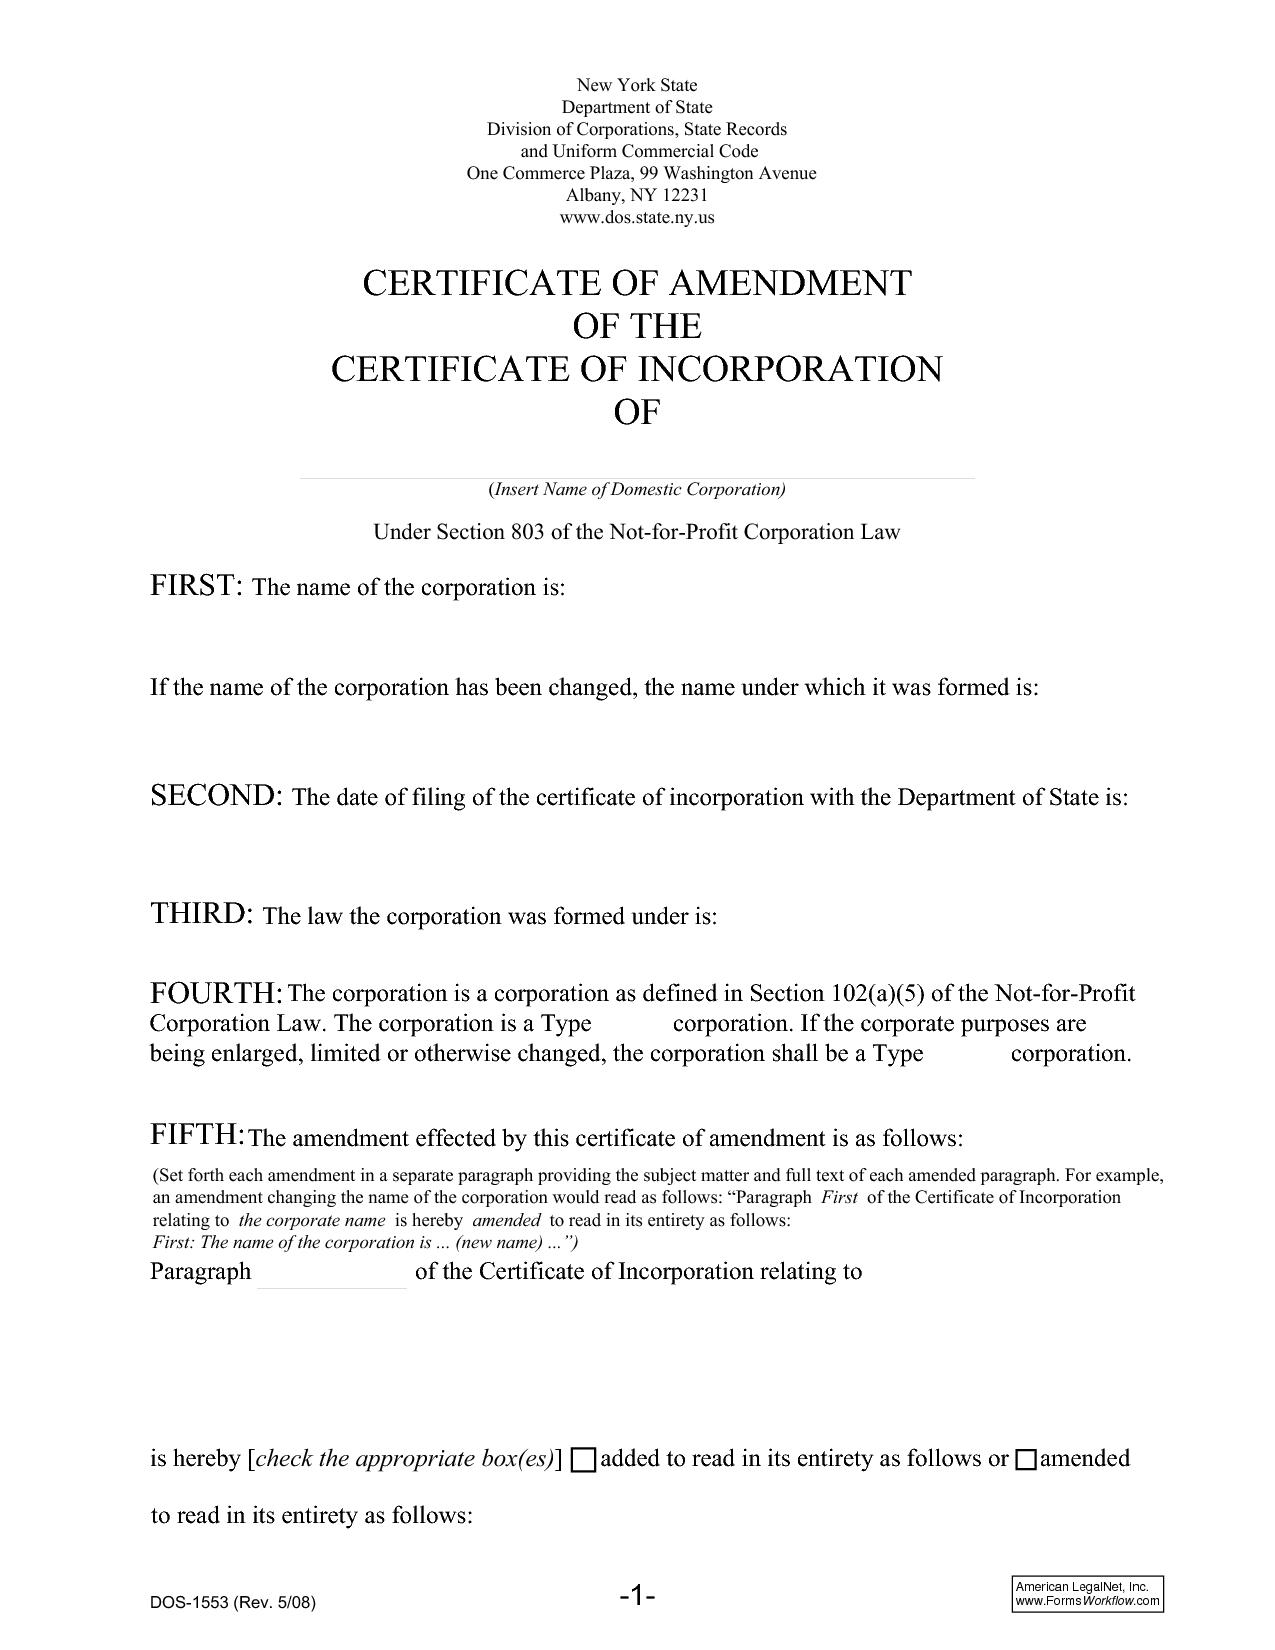 Certificate Of Amendment Sample